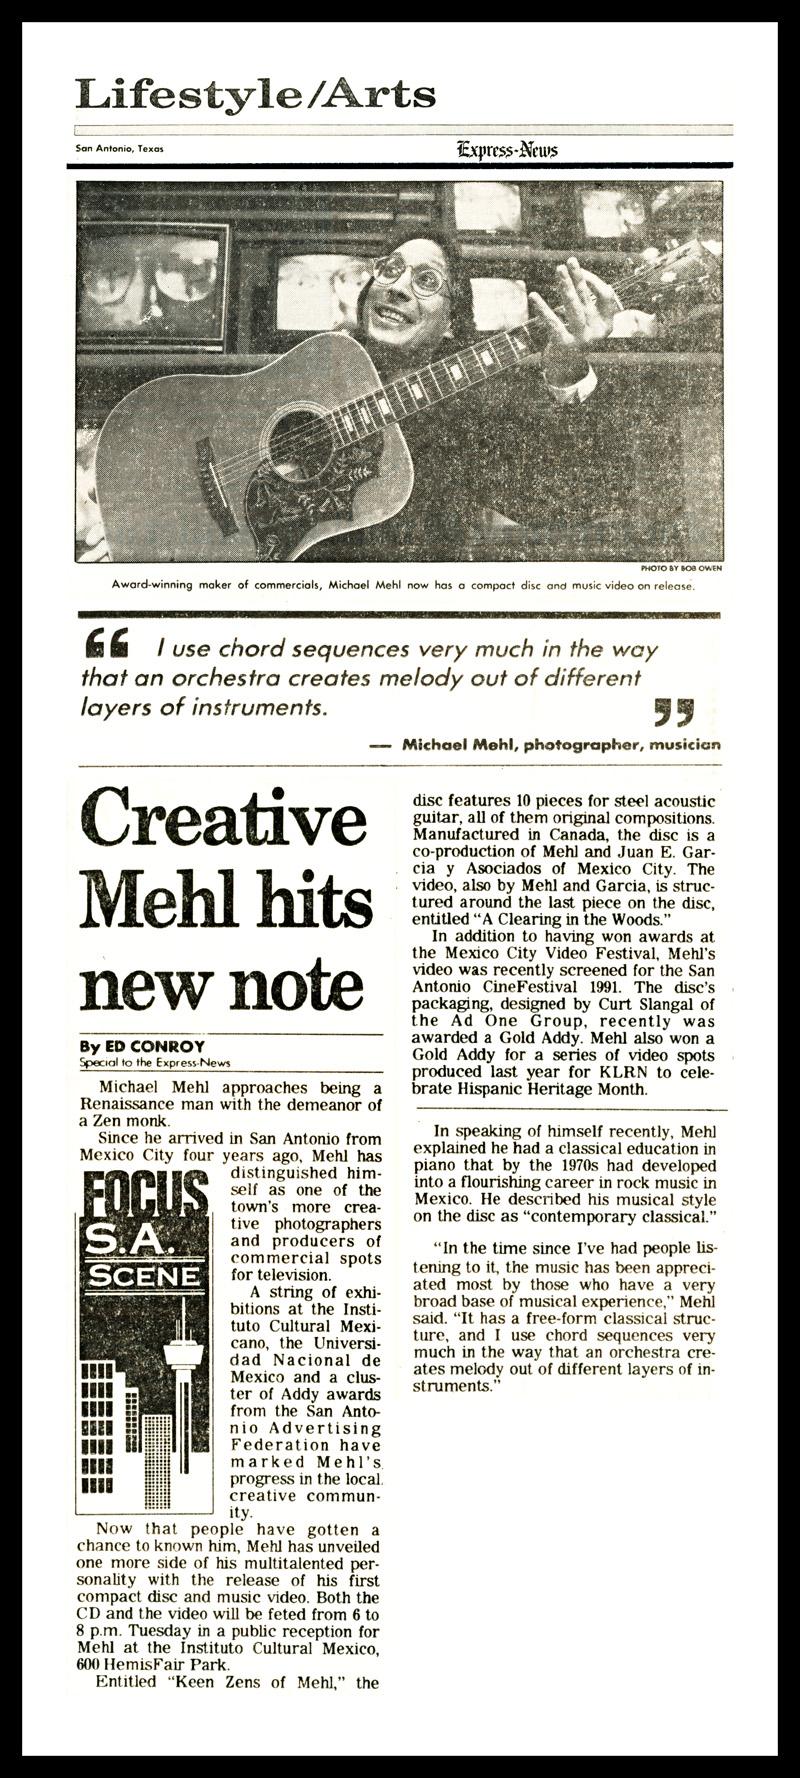 1991_San-Antonio-Express-News_Michael-Mehl_Keen-Zens-Of-Mehl_CD-Release